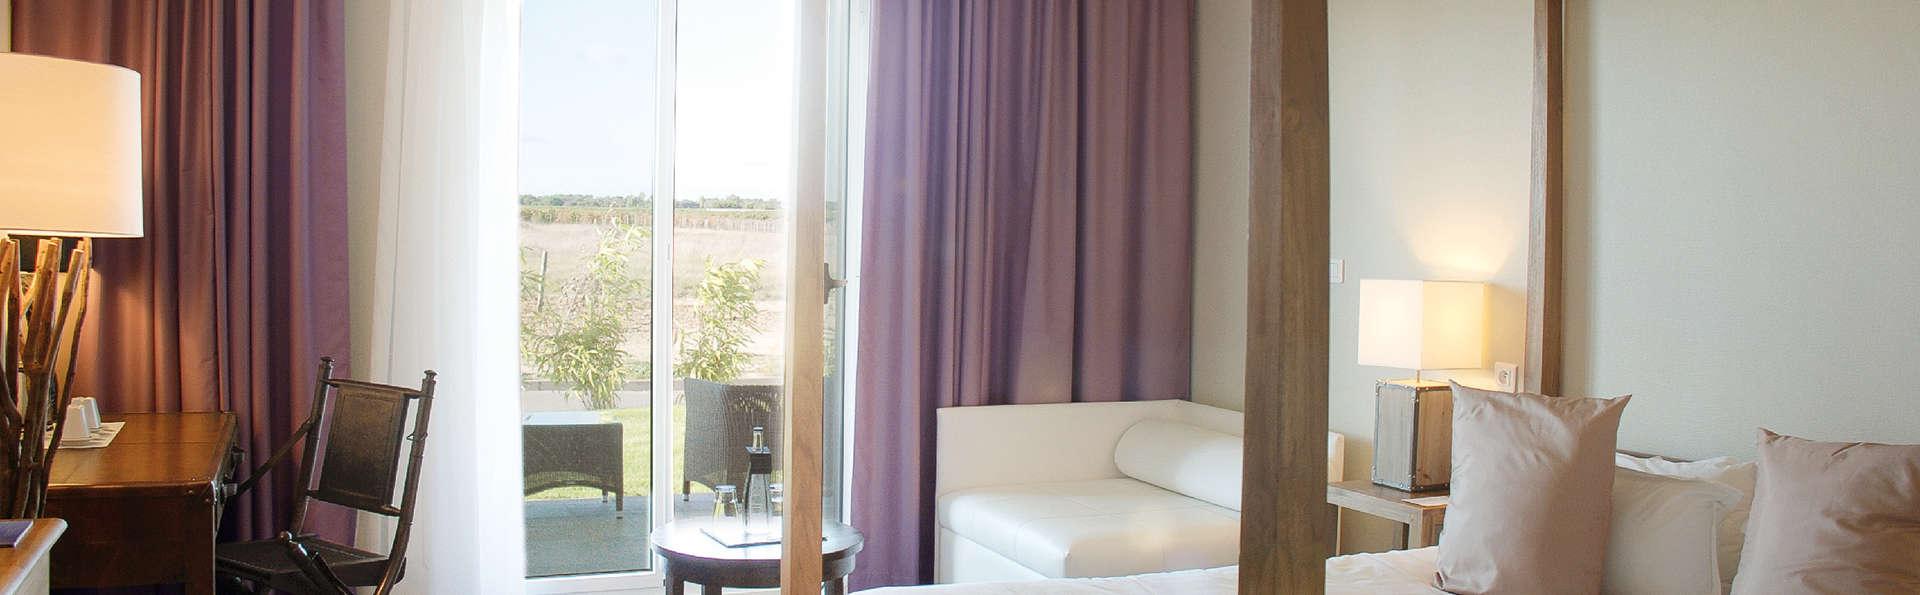 Relais Thalasso Ile de Ré - Hôtel Atalante - edit_CHAMBRE-PRESTIGE-VIGNES.jpg